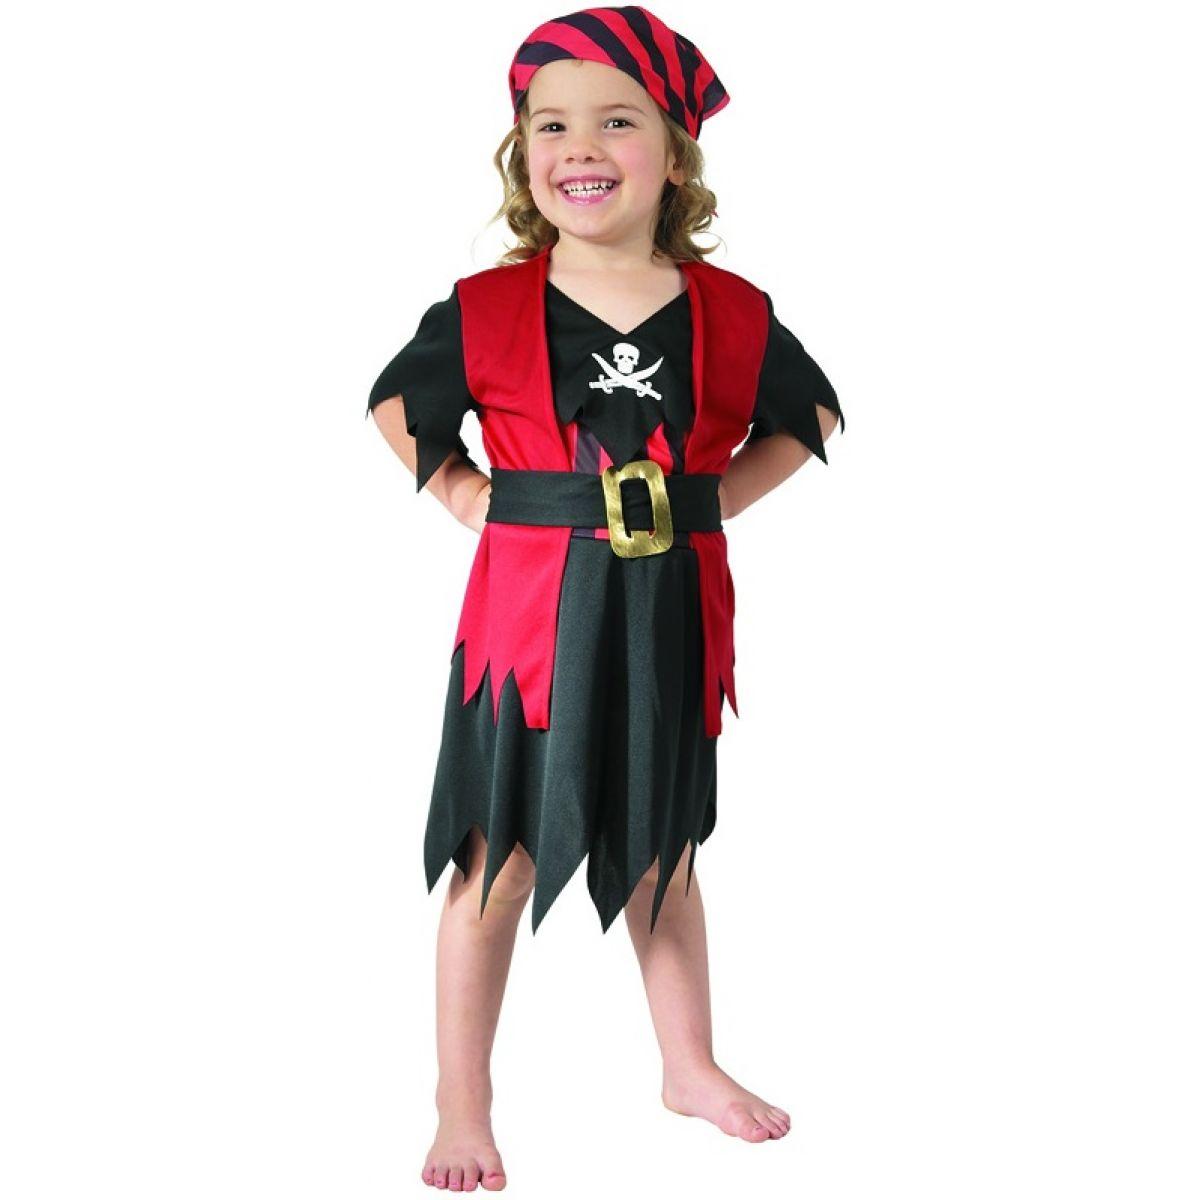 HM Studio Dětský kostým Pirátka 92 - 104 cm